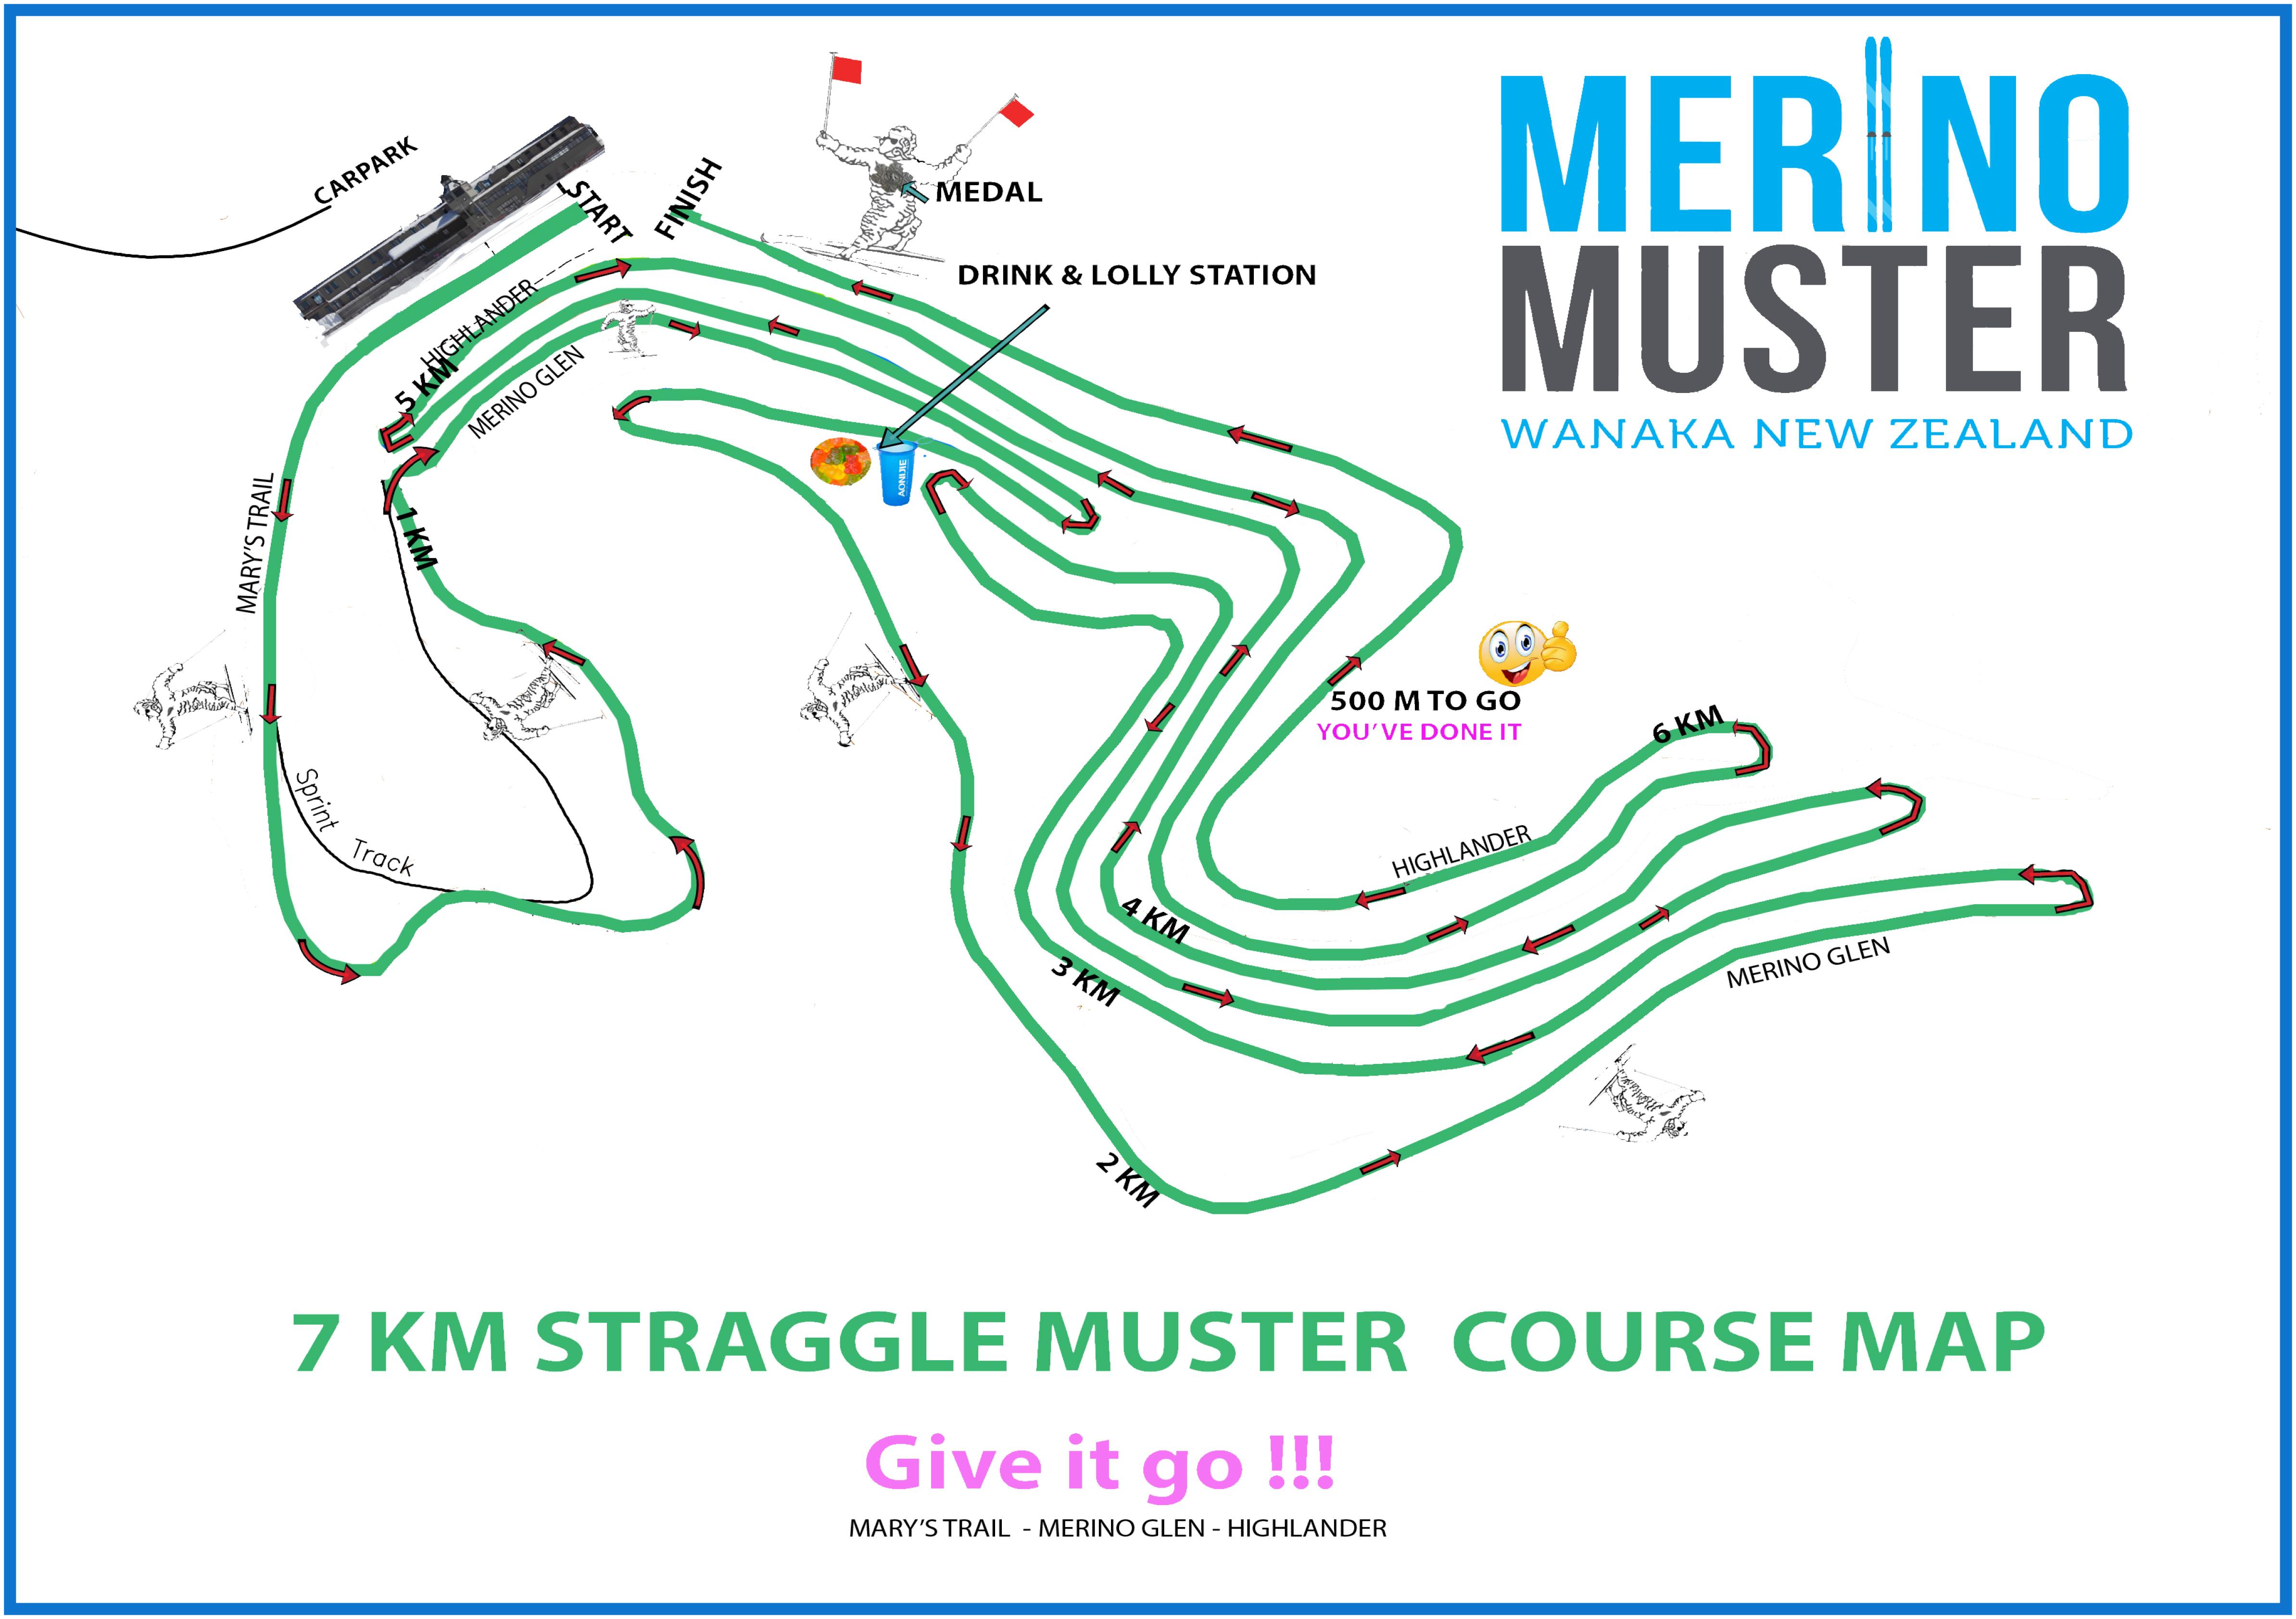 7km Trail Map Merino Muster